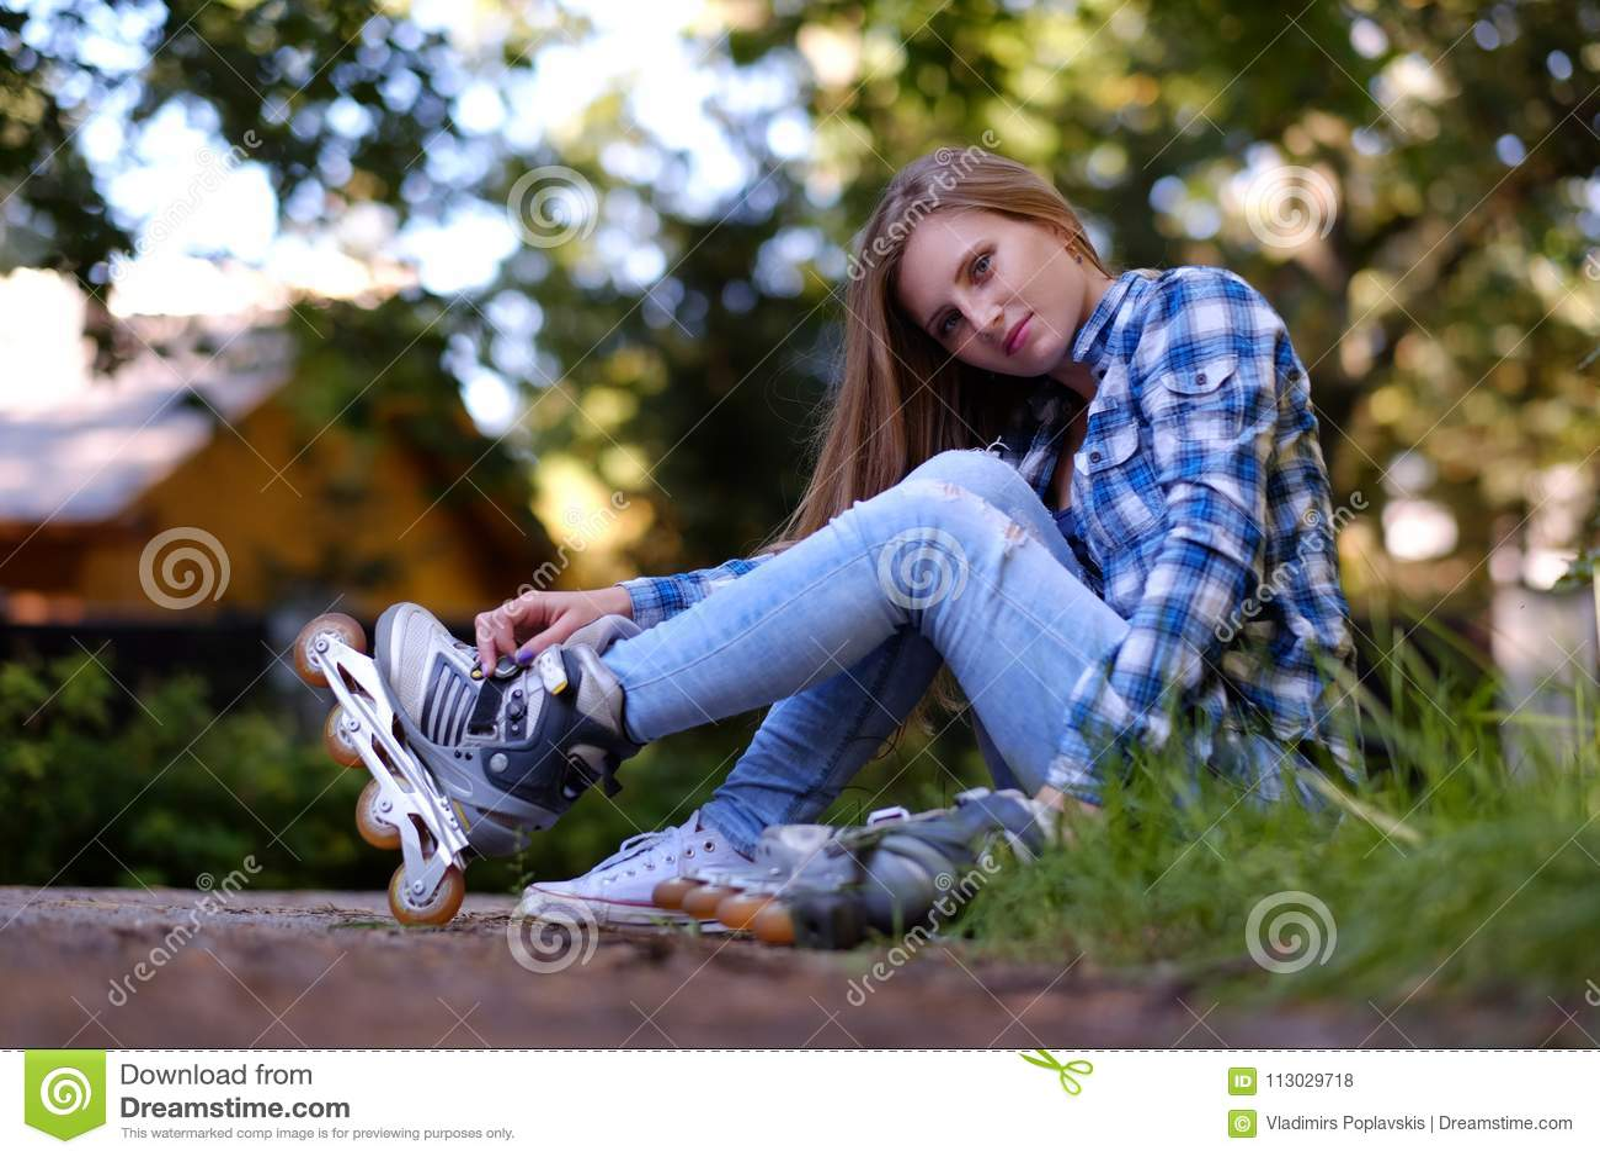 Una mujer que pone en patines en línea